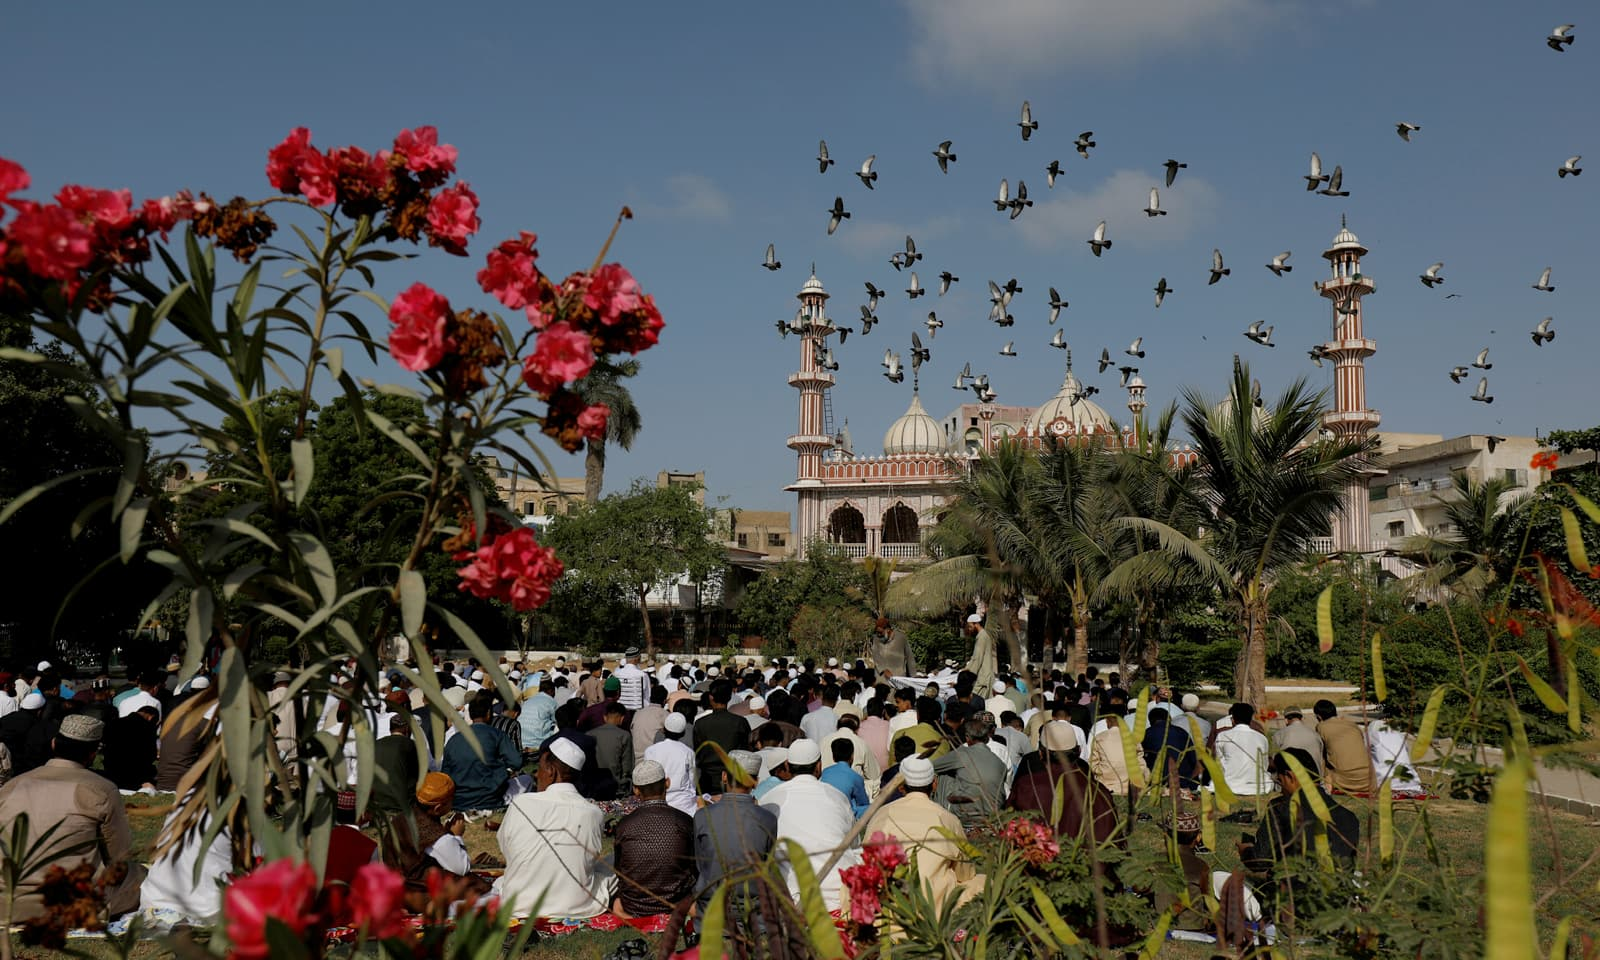 کراچی کی مسجد میں لوگ نماز عید کی ادائیگی کے بعد خطبہ سن رہے ہیں— فوٹو: رائٹرز